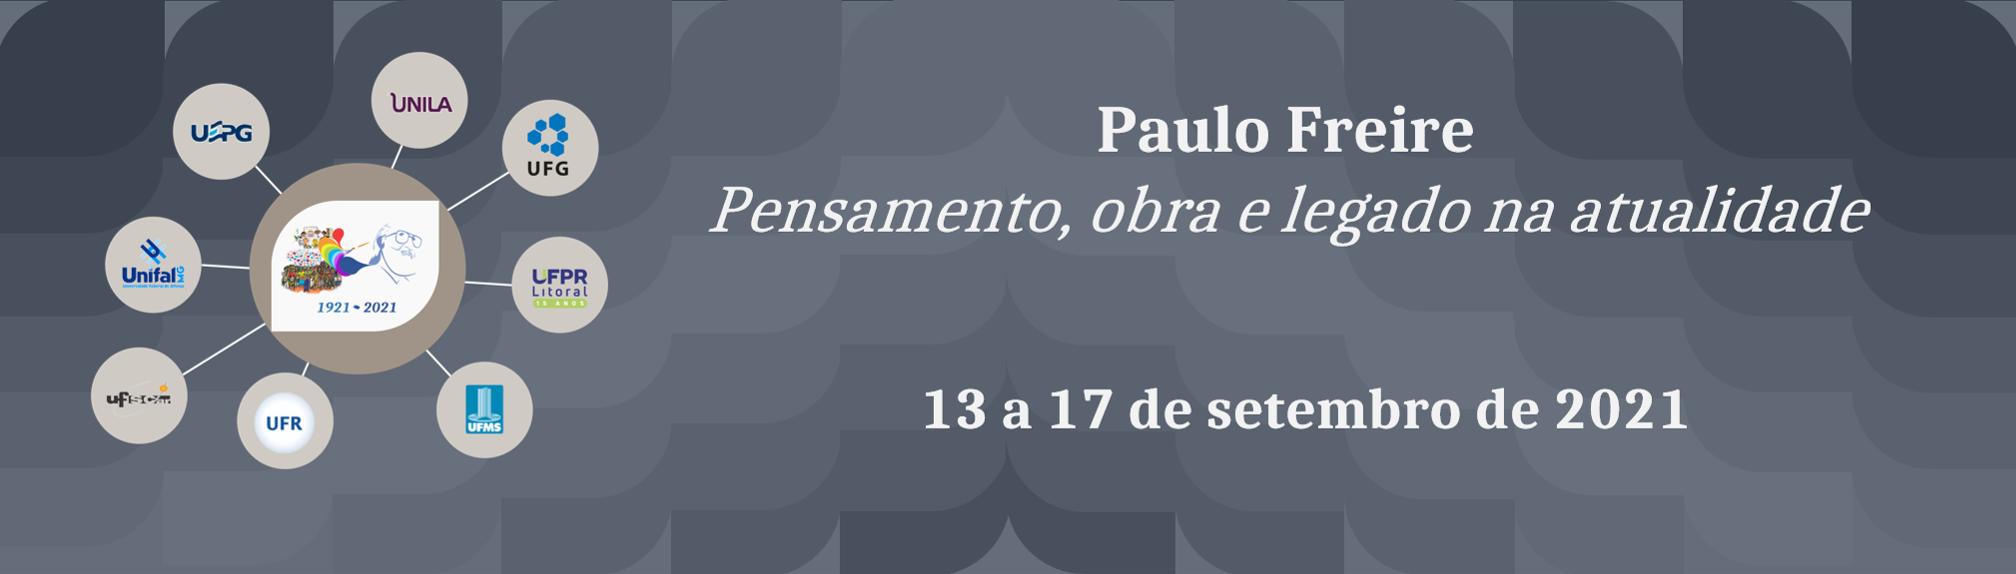 Portal memorial – Centenário Paulo Freire